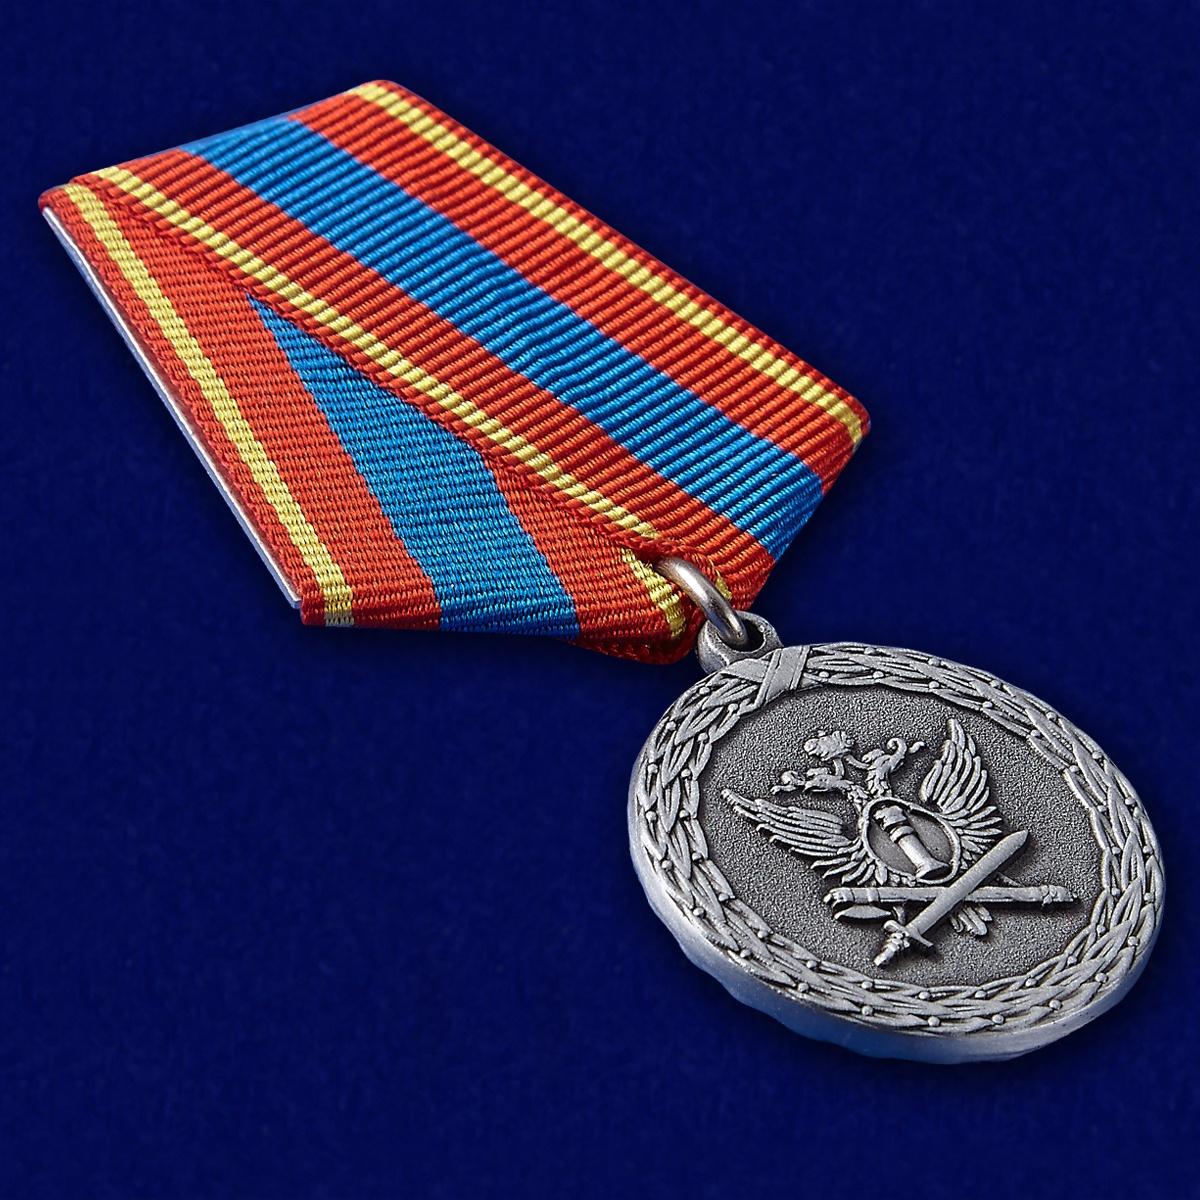 Медаль Ветеран уголовно-исполнительной системы в футляре из флока - общий вид